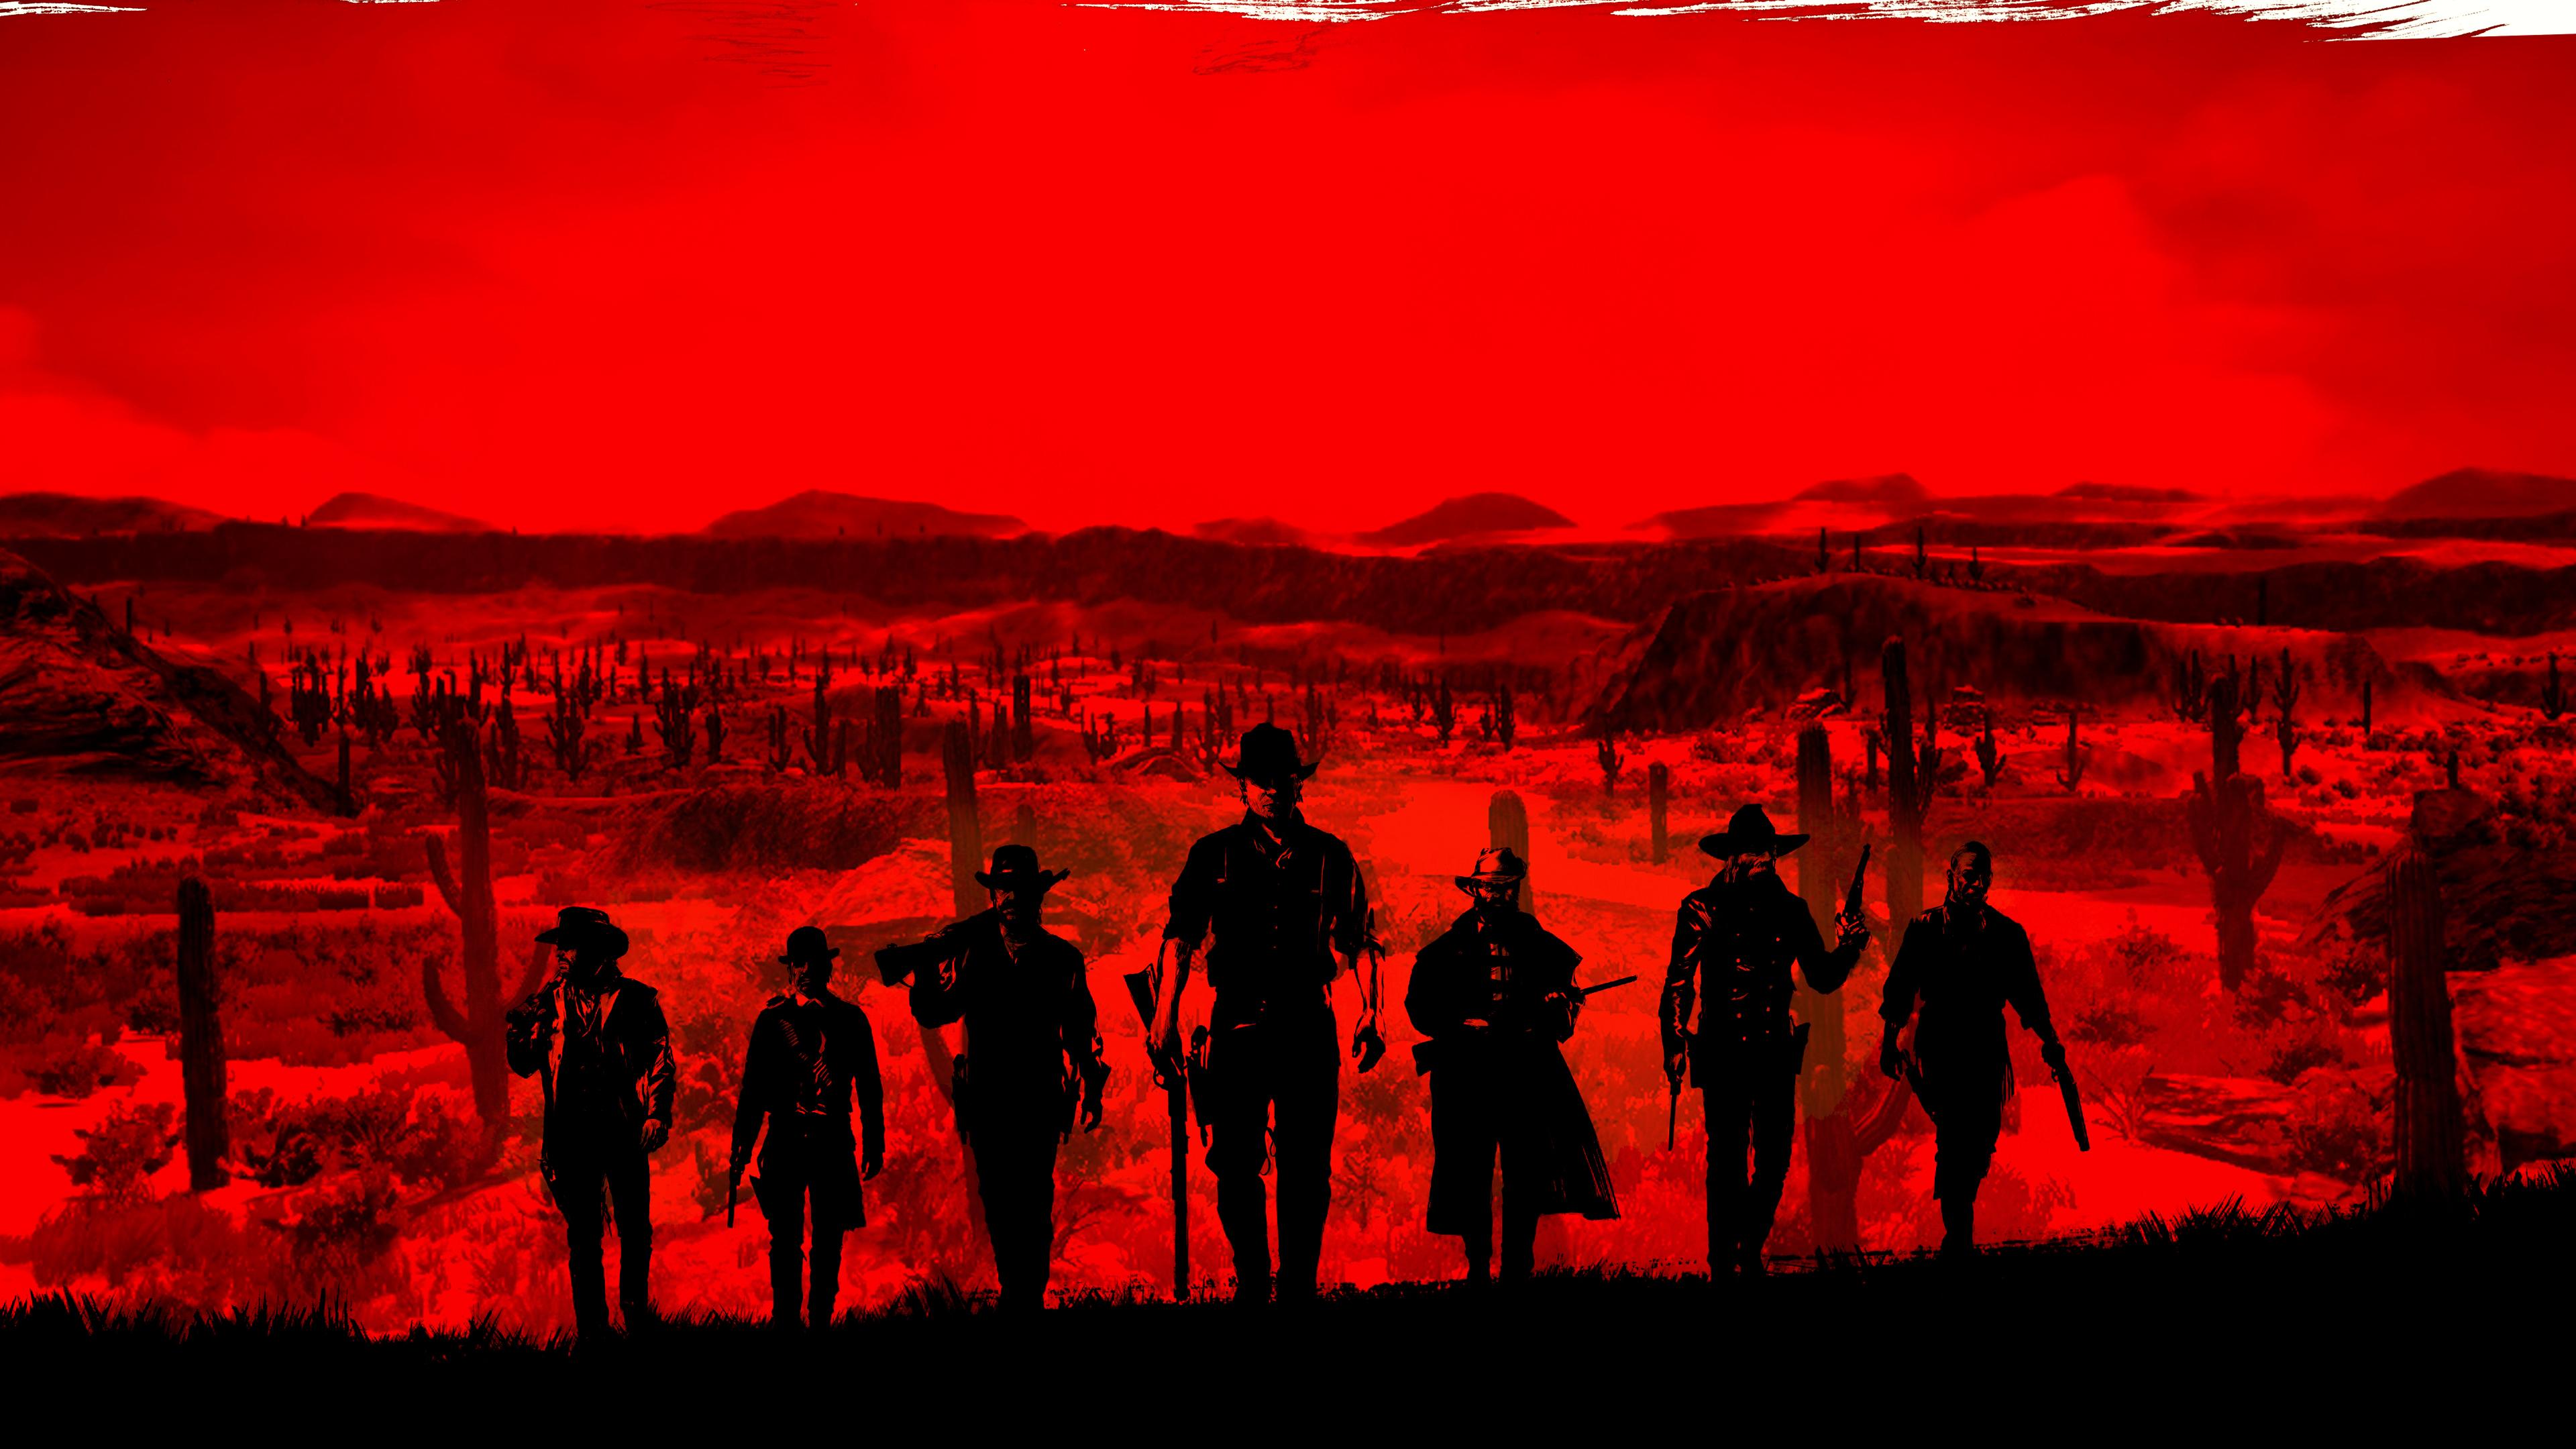 4k Red Dead Redemption Wallpaper Hd